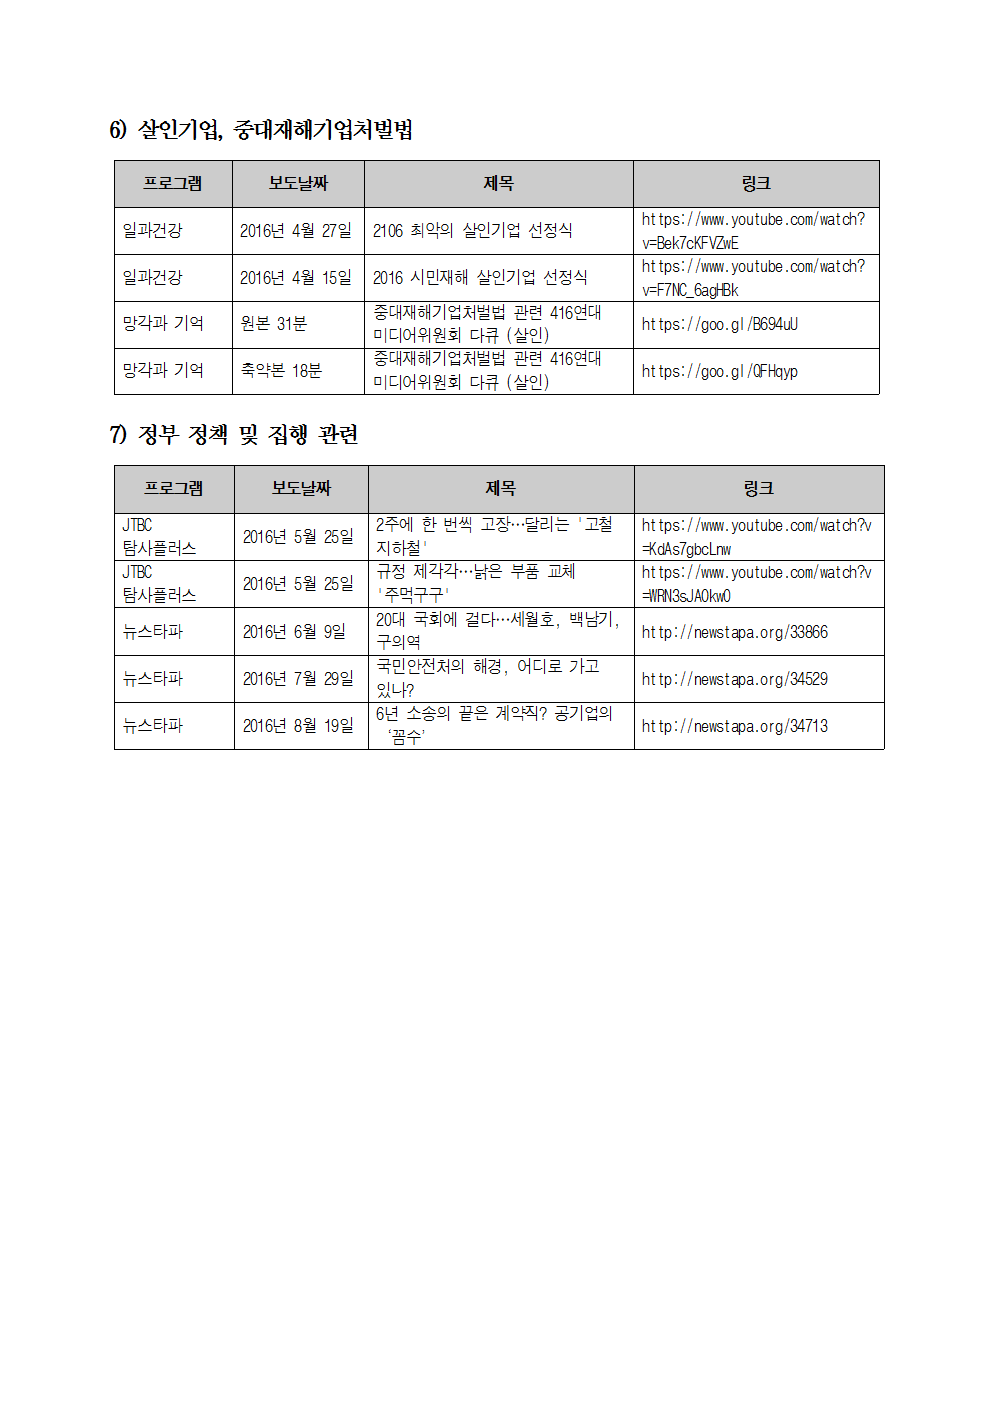 2017 4월 민주노총 동영상 교육 참조 리스트_최종003.png